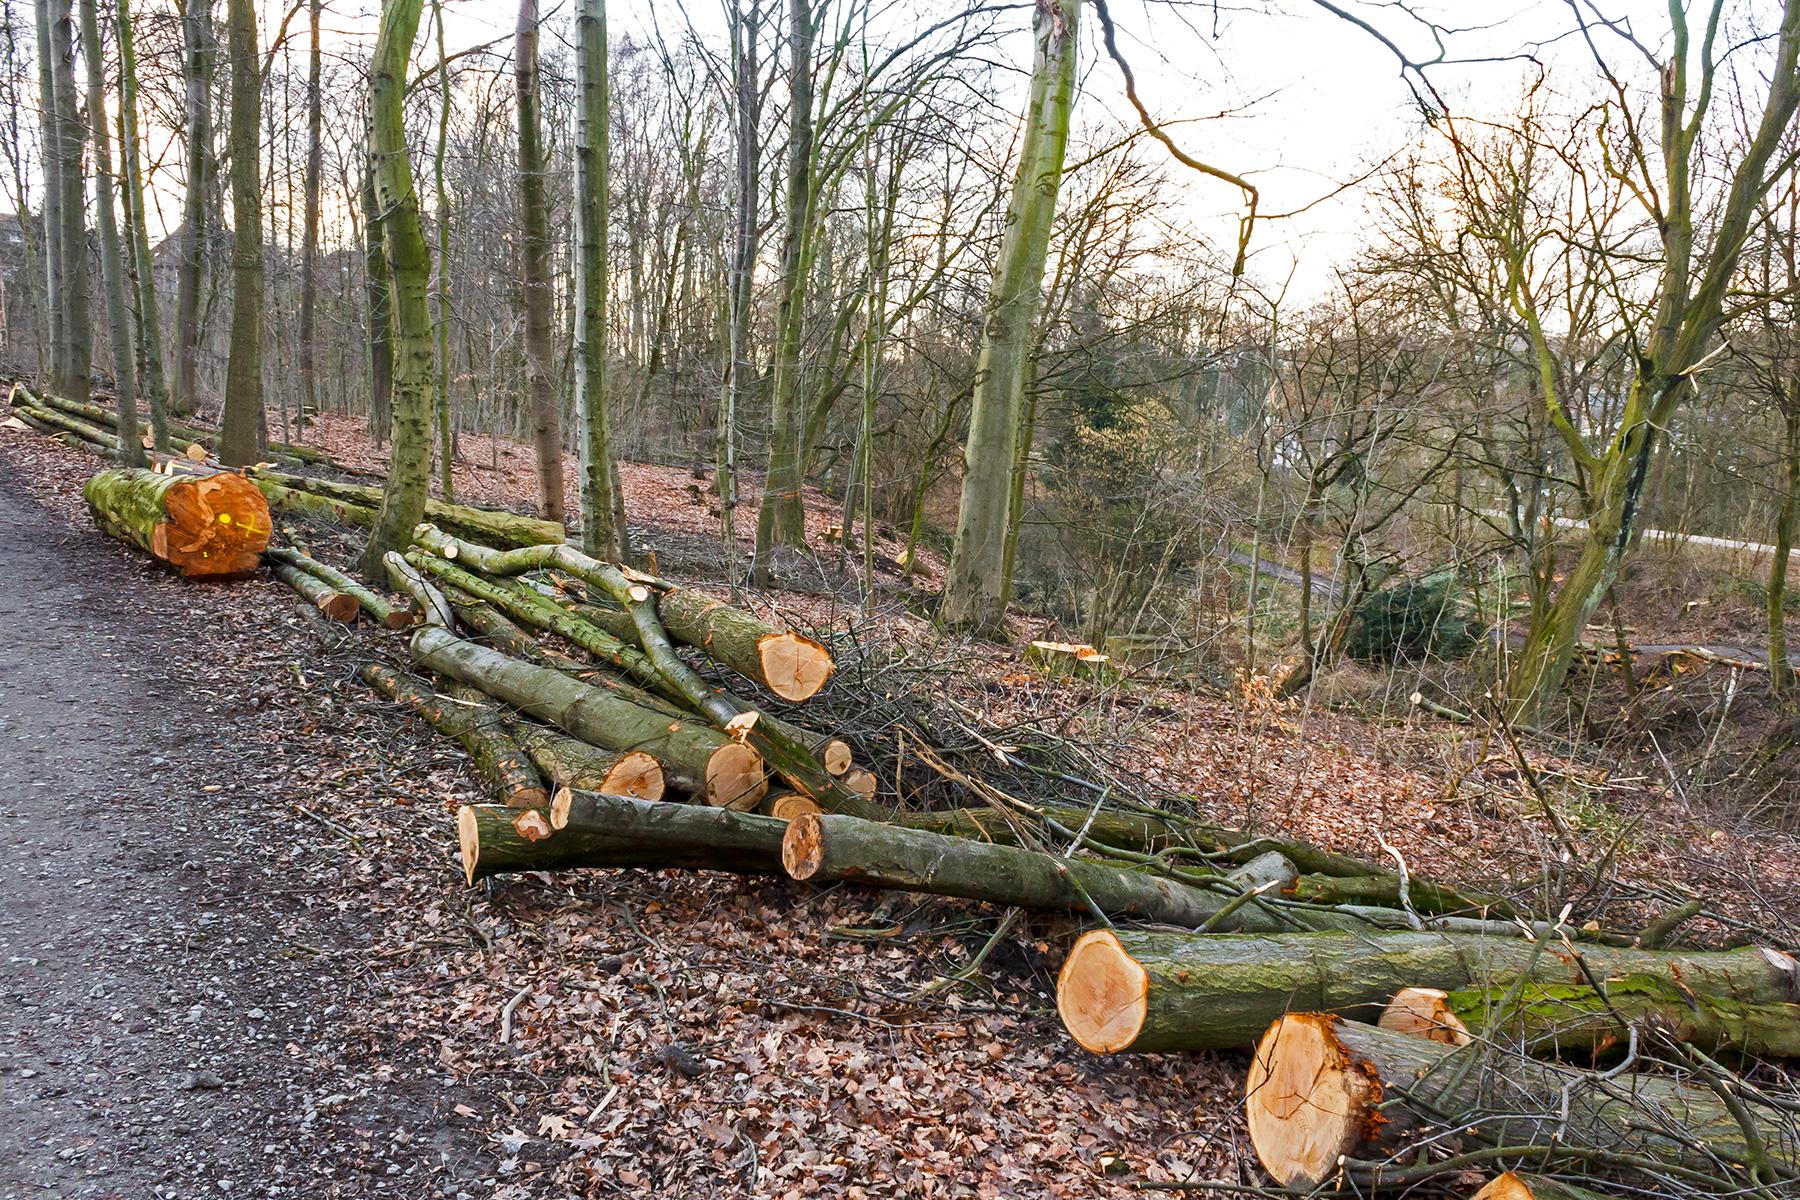 Ergebnis: ein holzarmer, lichter Wald mit dünnen Bäumen